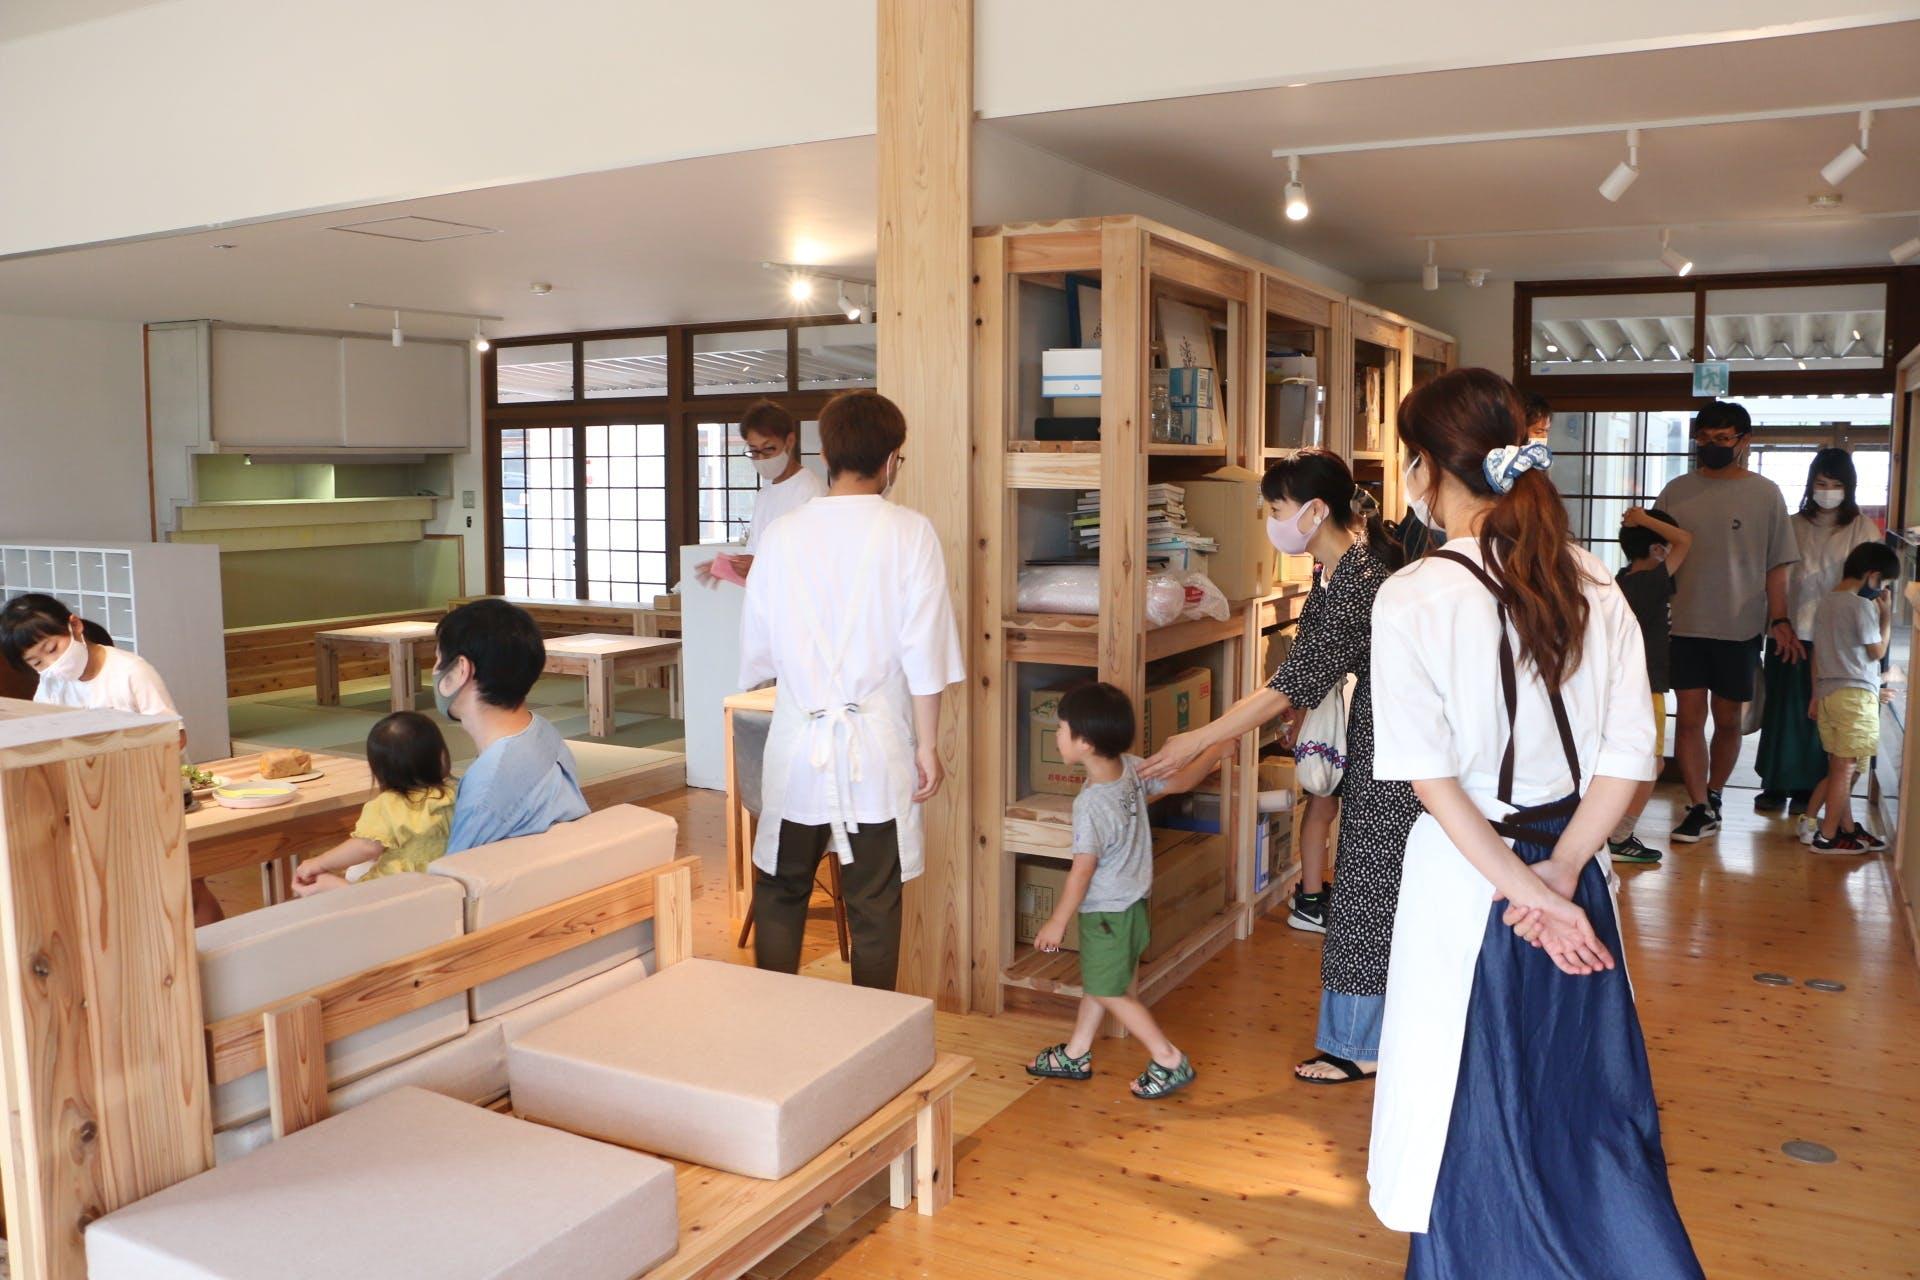 キッチン ヒトトゴハン接客風景